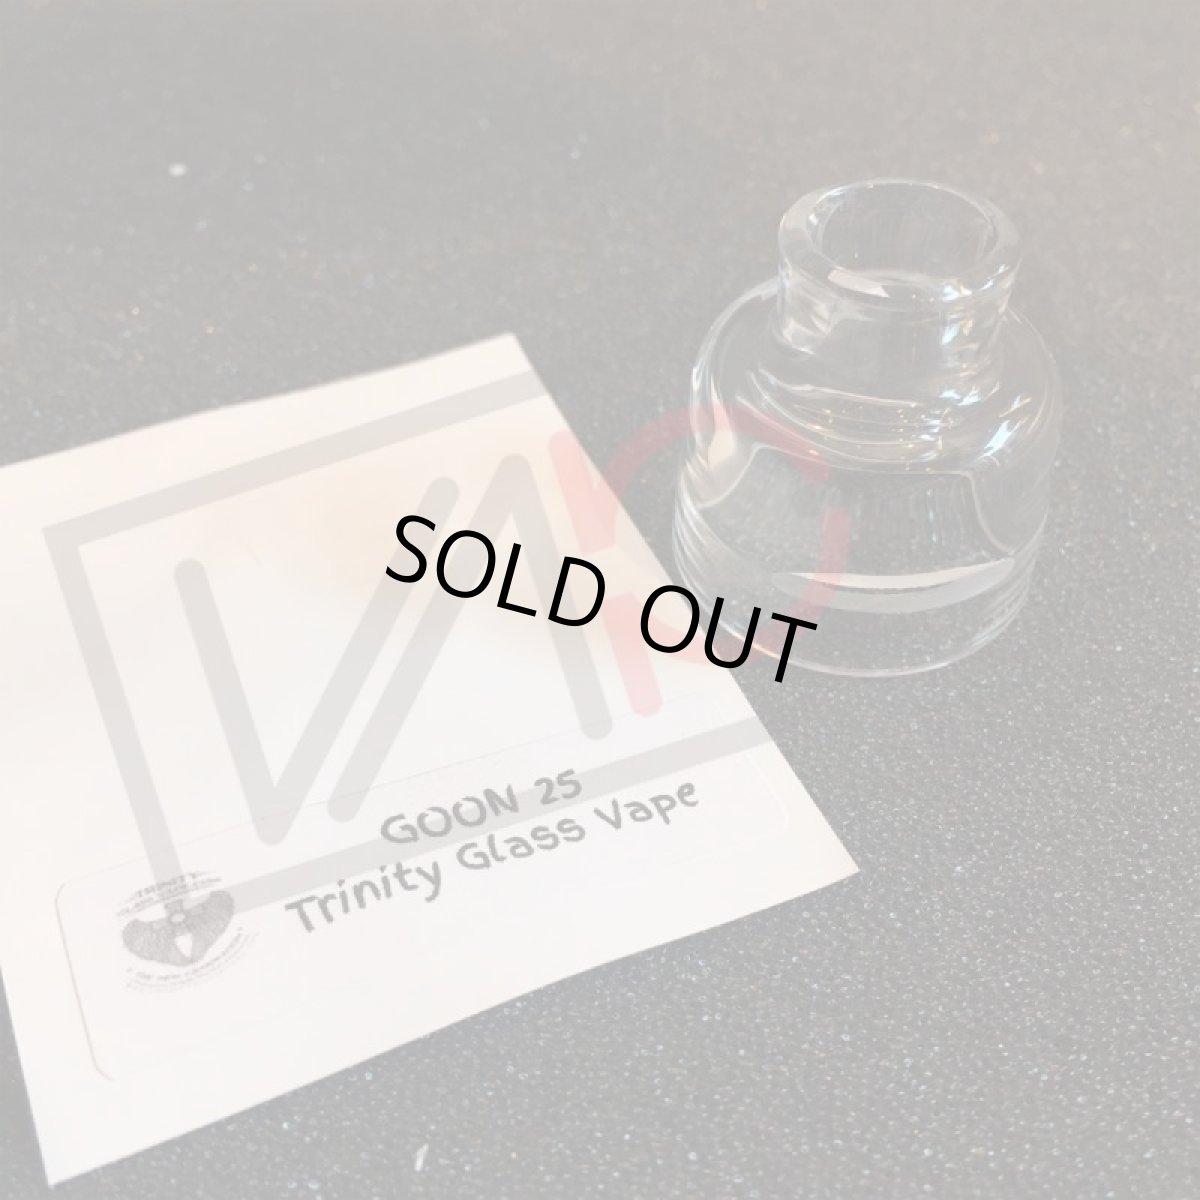 画像1: GOON RDA 25mm Trinity Glass Cap 《528 Custom Vapes》 ガラスキャップ クリア カスタム アクセサリー 電子タバコ vape (1)